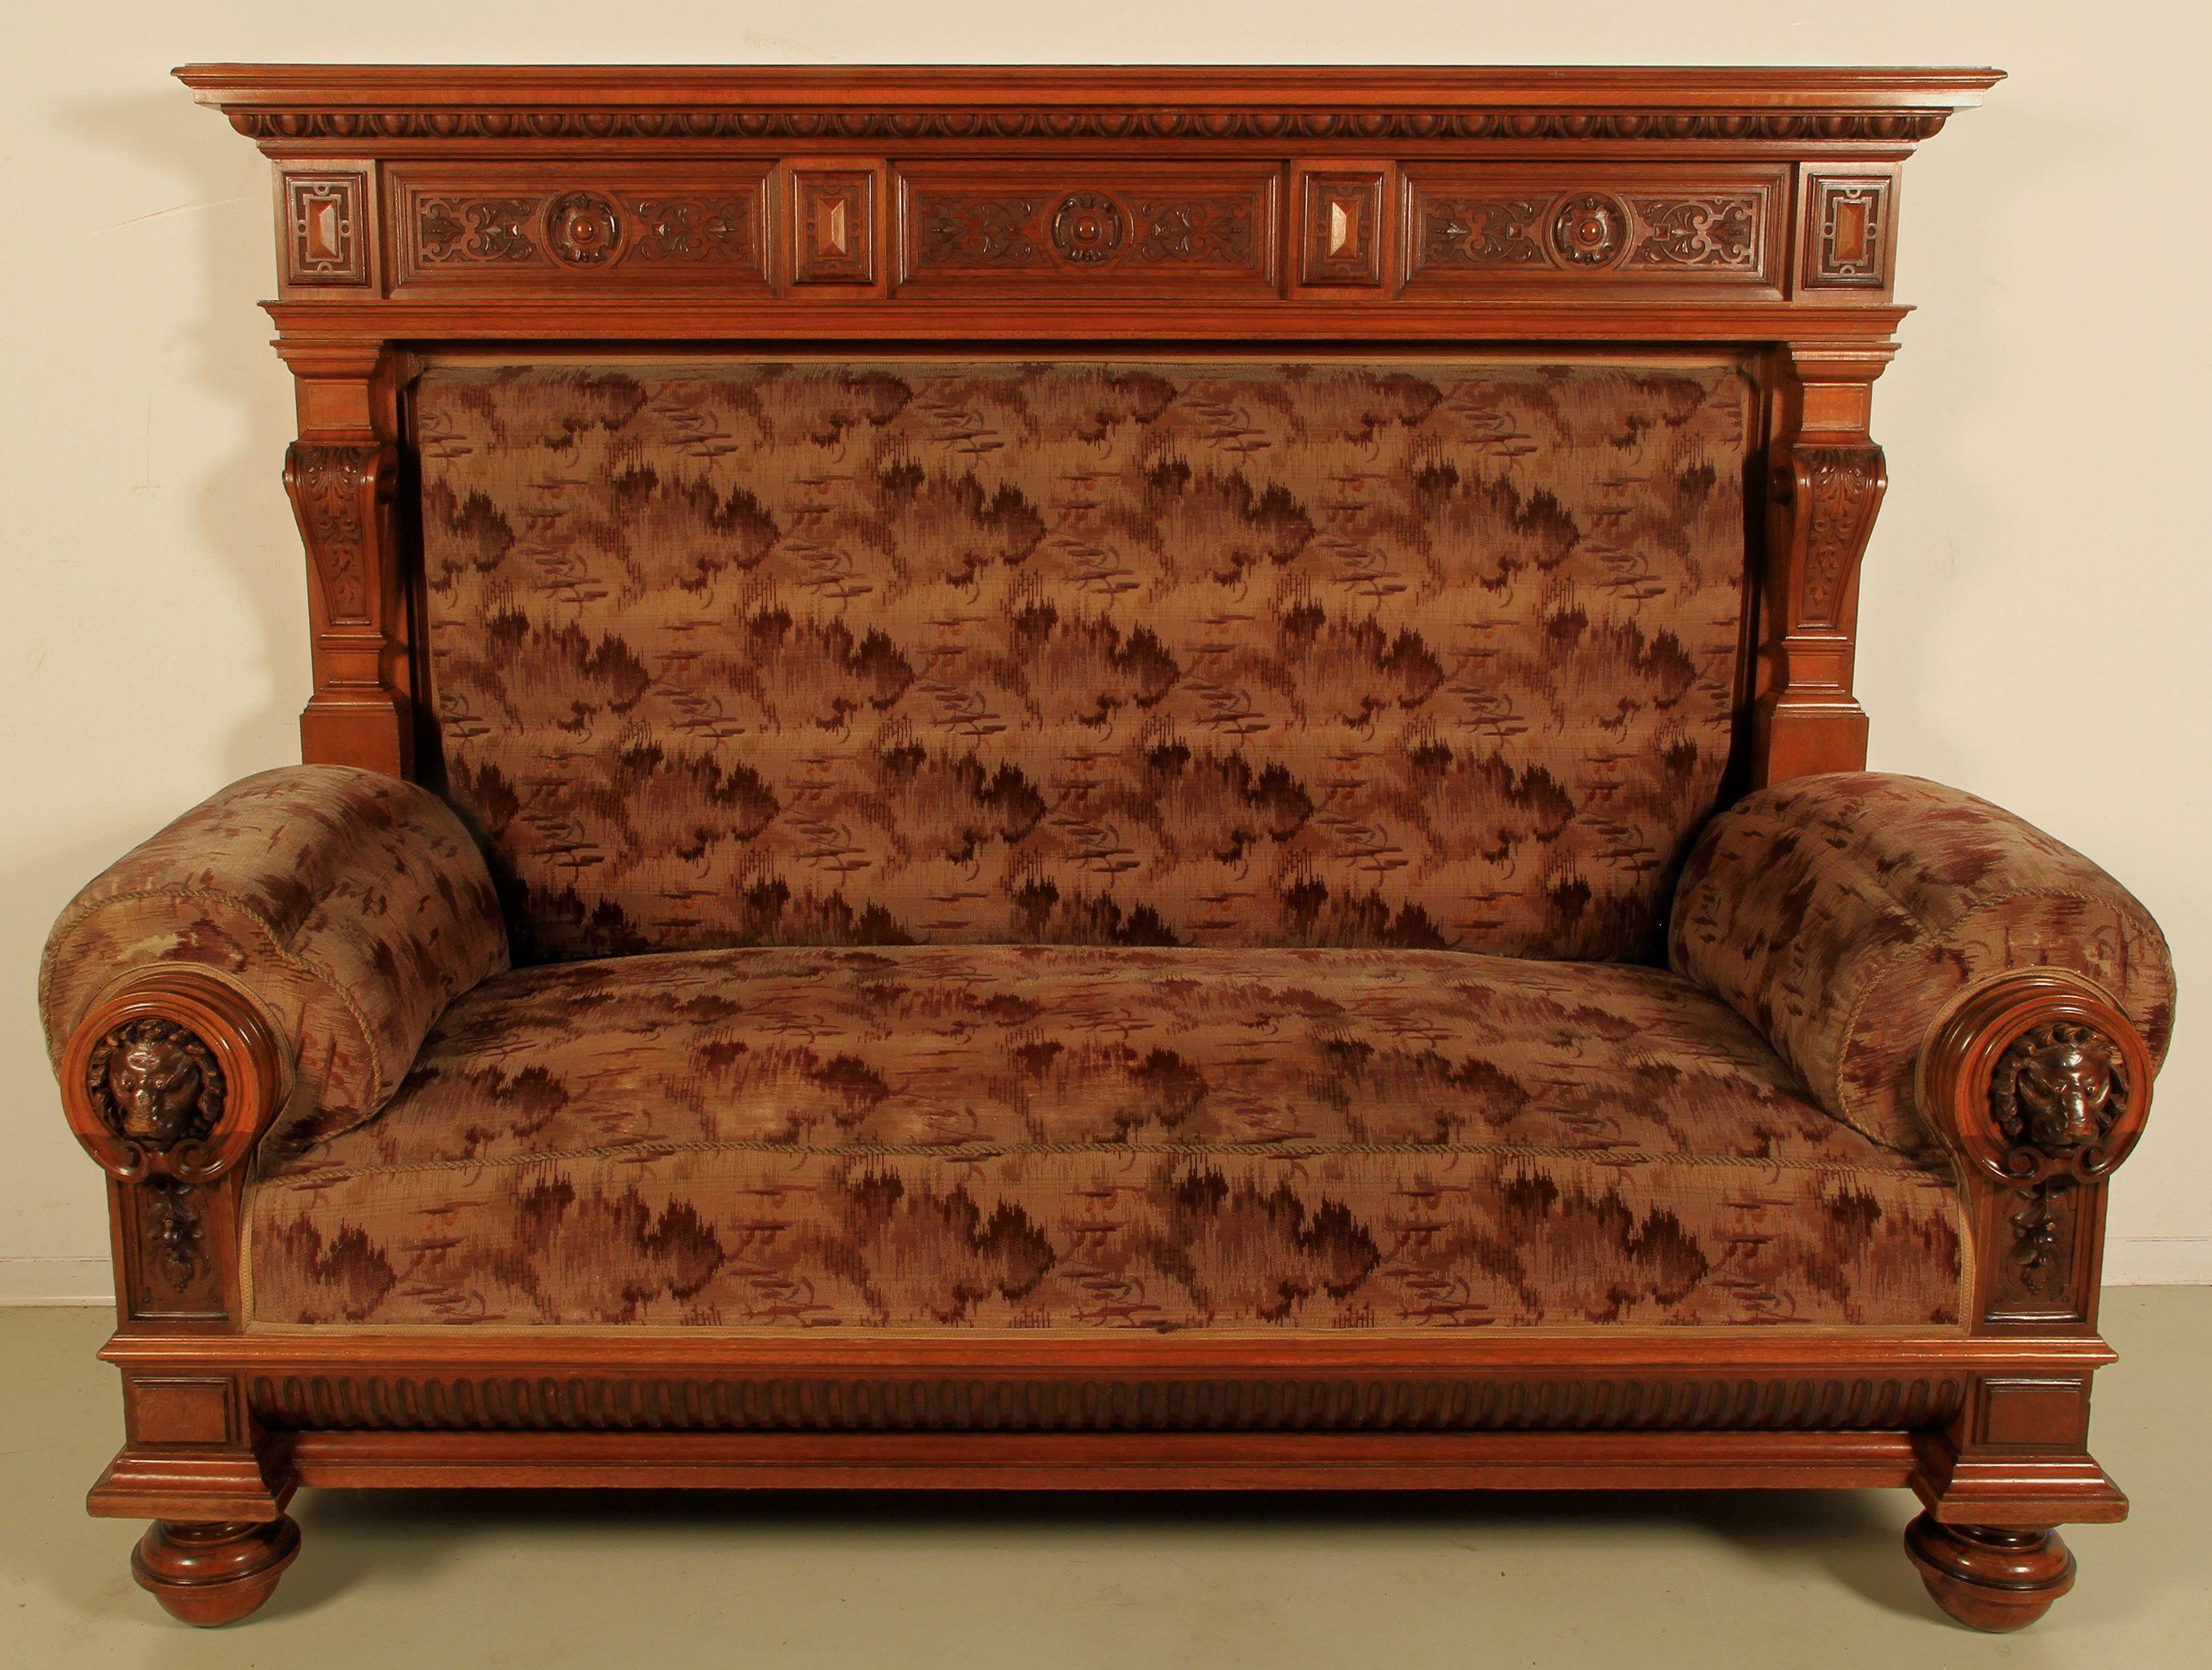 gr nderzeit sofa mit berbau epoche gr nderzeit holzart nussbaum ma e h he 173 cm breite. Black Bedroom Furniture Sets. Home Design Ideas